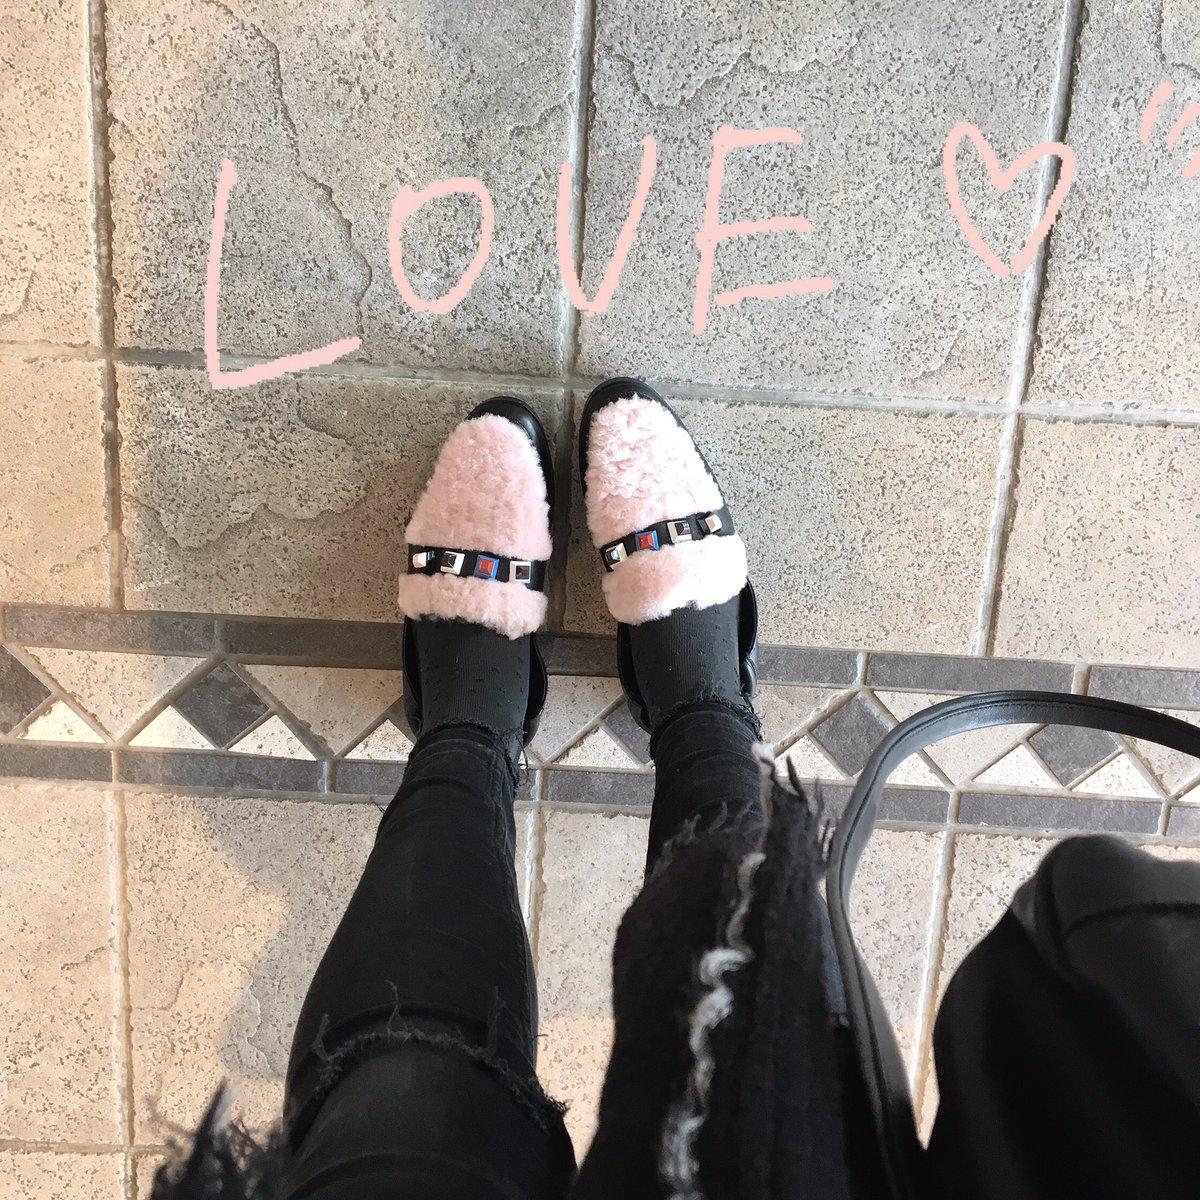 Nouvelle petites chaussures d&#39;amour   #Shopping #Fbloggers #Fendi <br>http://pic.twitter.com/JSzR2ek0EF